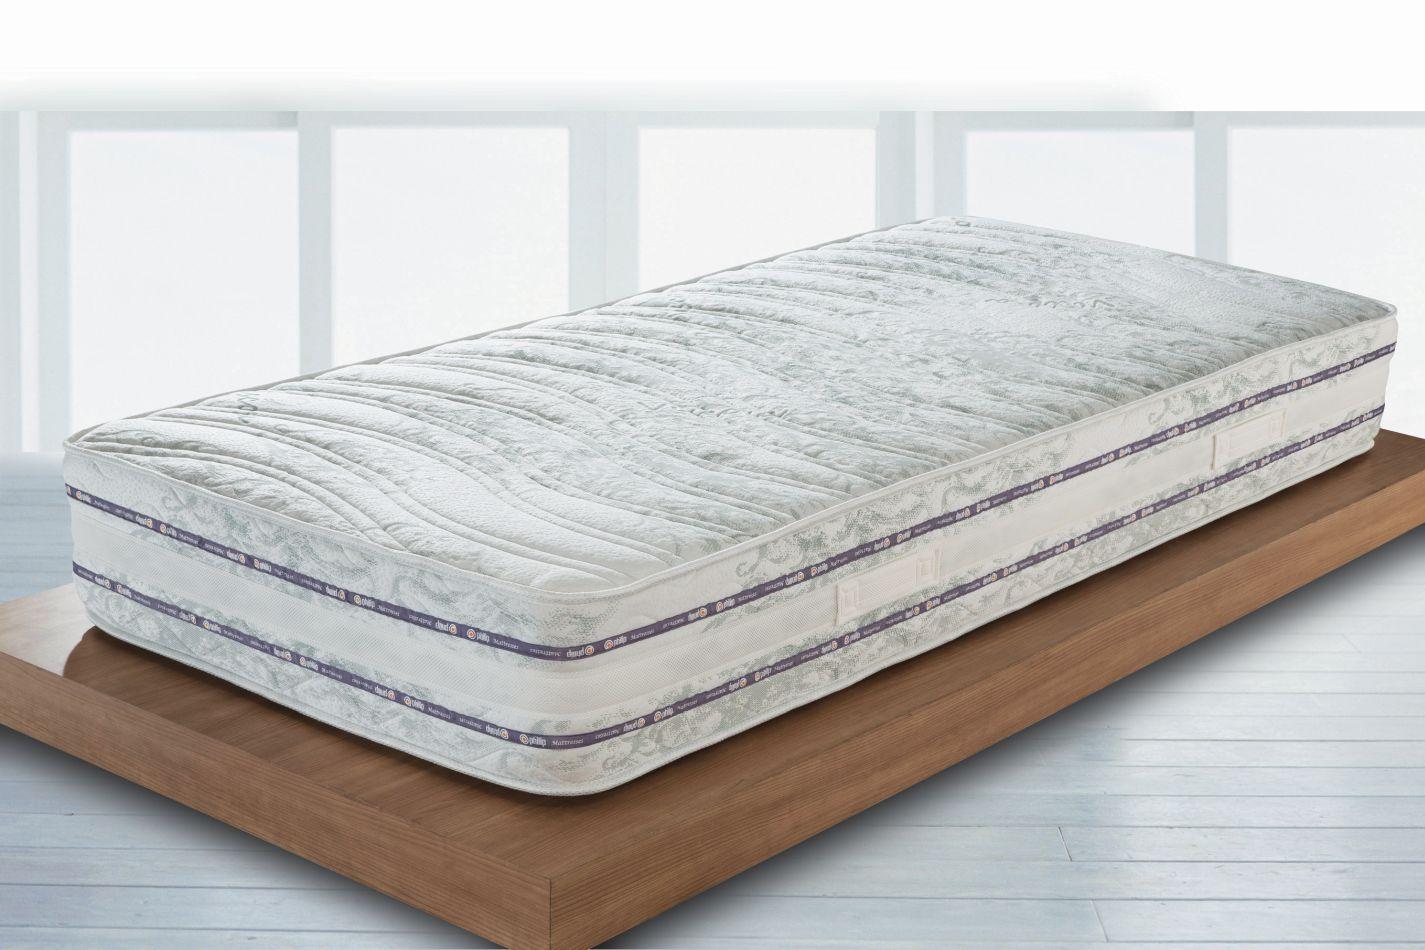 Matratze Balance mit Taschen Federkern - Abmessungen: 90 x 190 cm